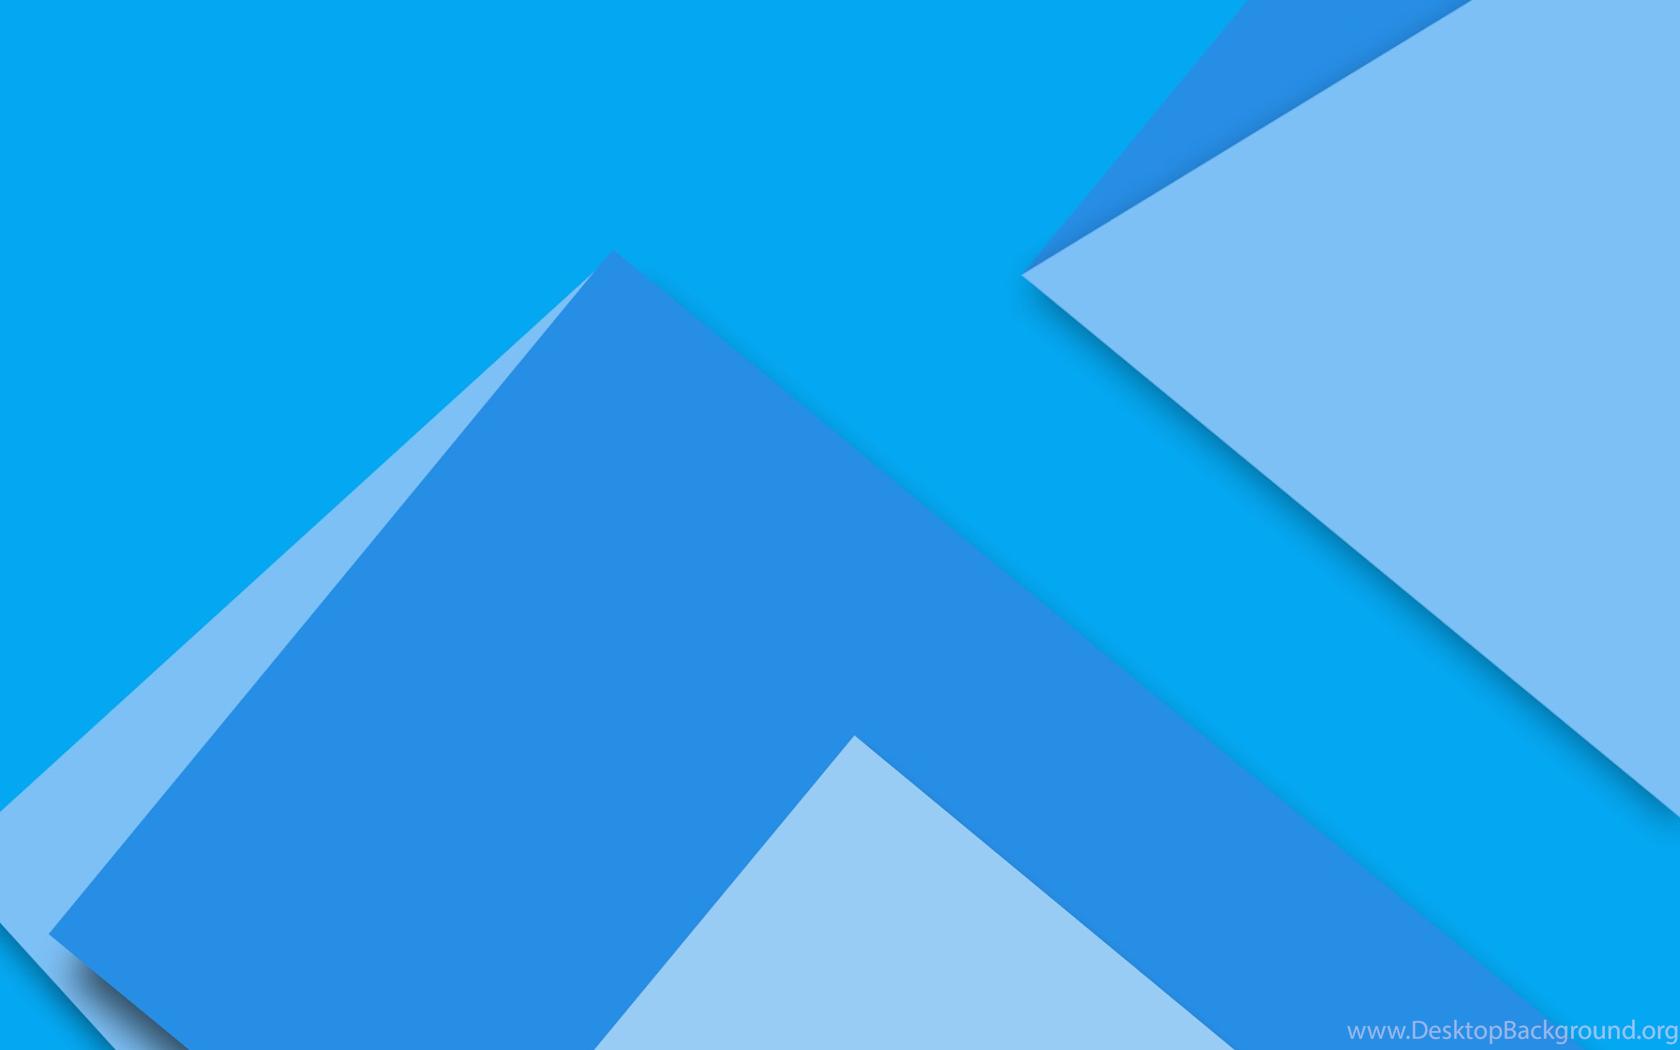 Material Design Hd Desktop Wallpaper 23164: 80 Google Material Design HD Wallpapers Desktop Background